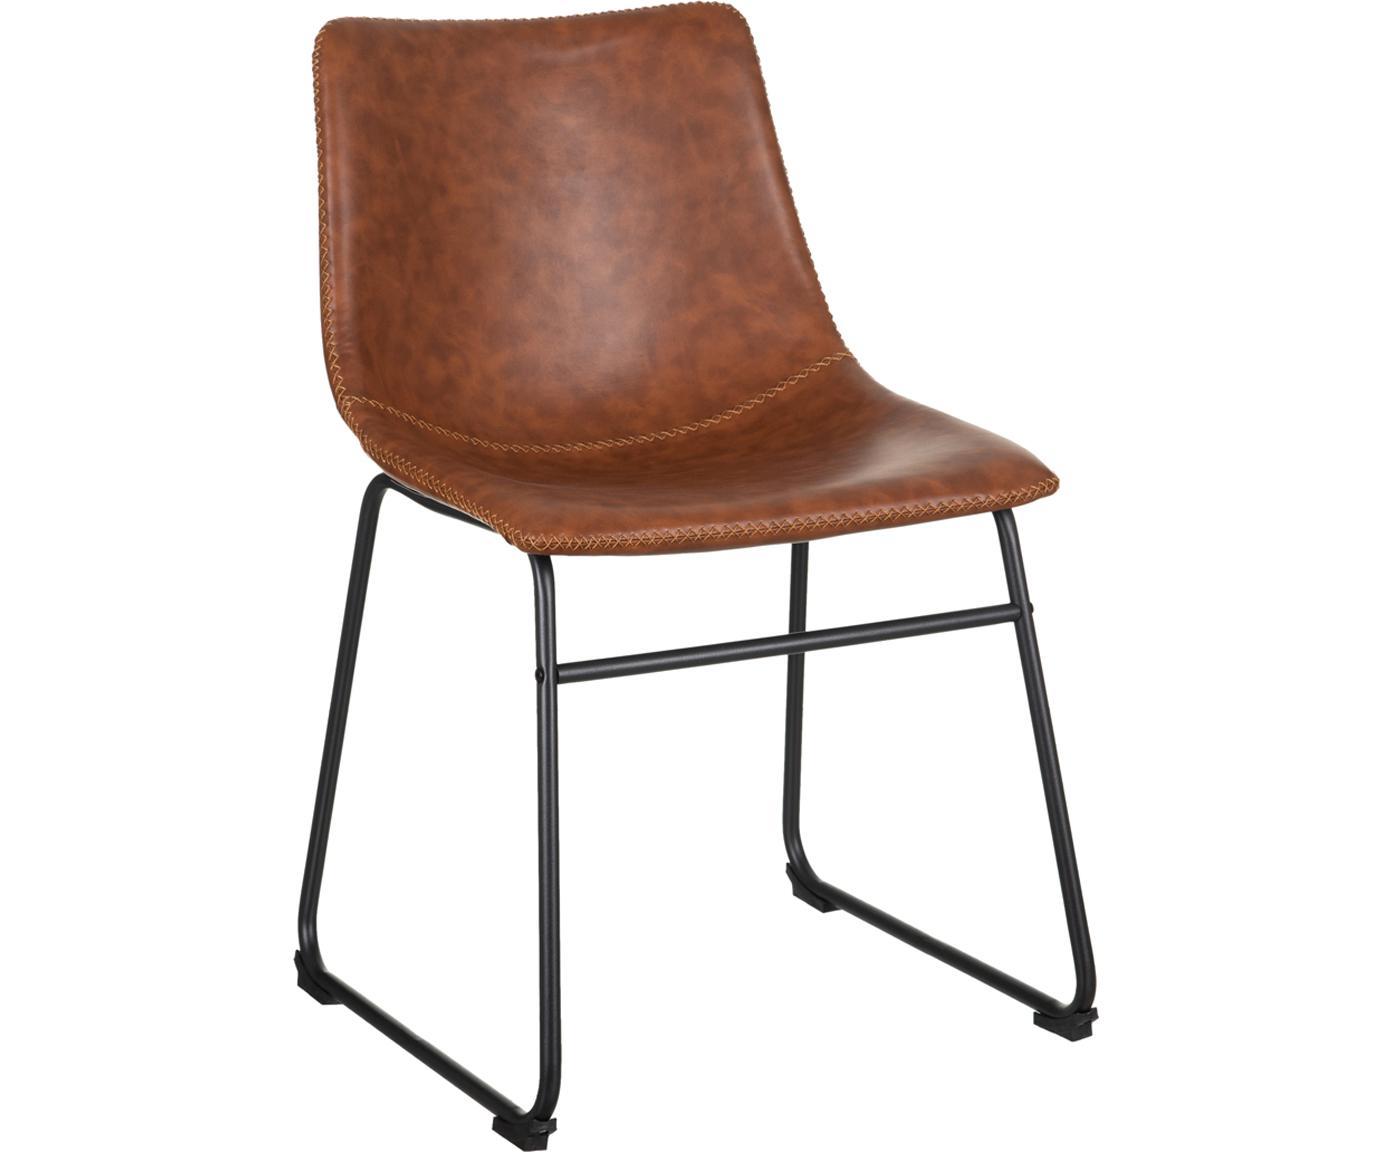 Krzesło tapicerowane ze sztucznej skóry Almeria, Poliuretan, metal, Brązowy, czarny, S 54 x G 48 cm